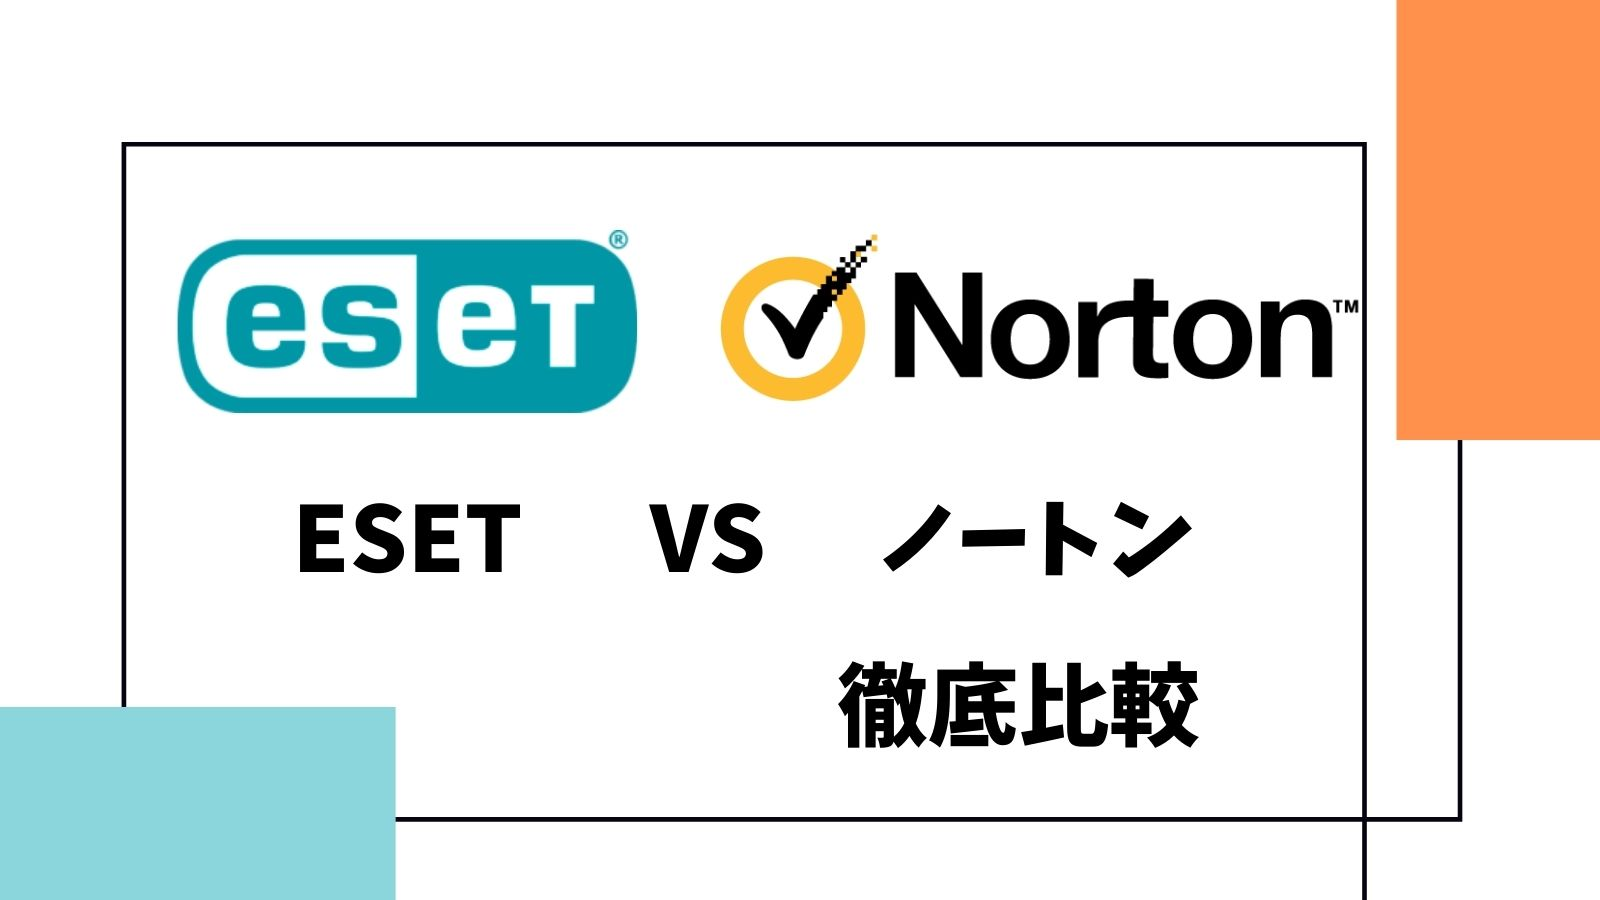 ESETとノートンを徹底比較!目的別にどっちがおすすめか解説します!